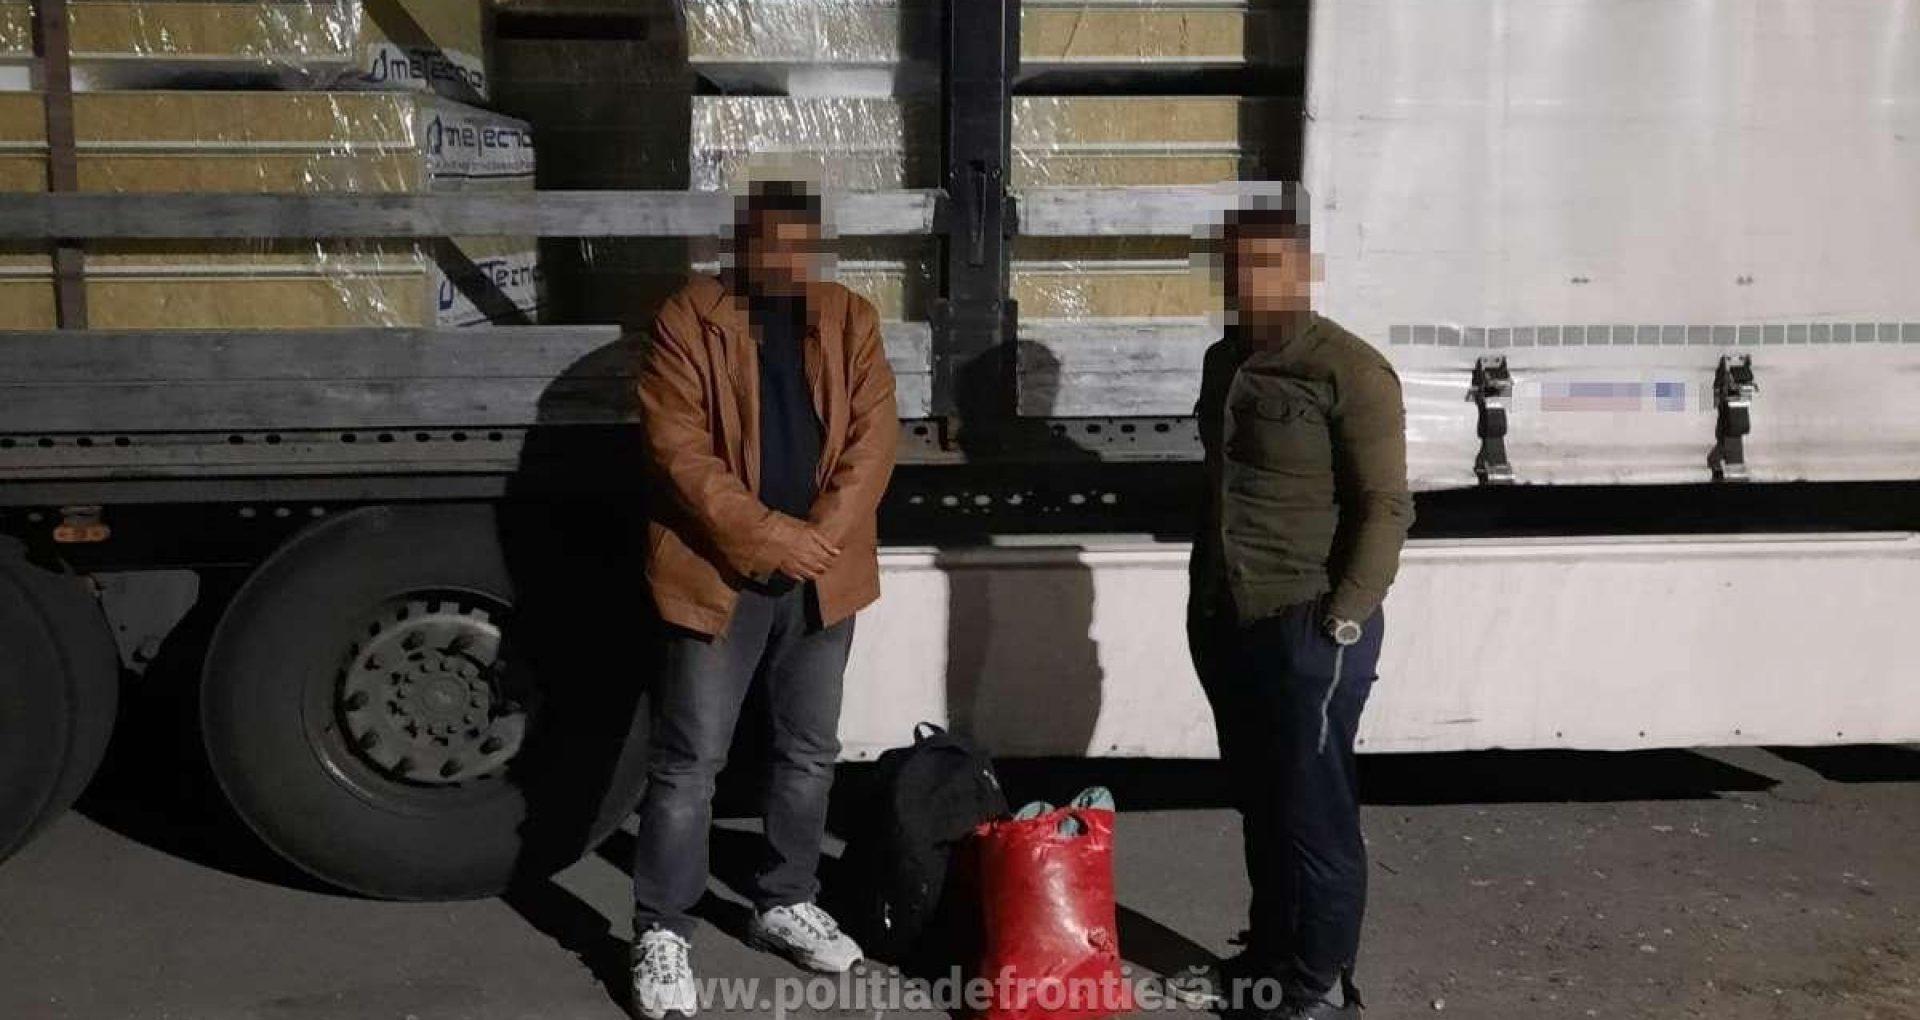 Un moldovean împreună cu un bulgar ar fi ascuns în camioanele lor opt afgani, care încercau să treacă ilegal frontiera. Cetățenii străini, depistați de polițiștii de frontieră arădeni